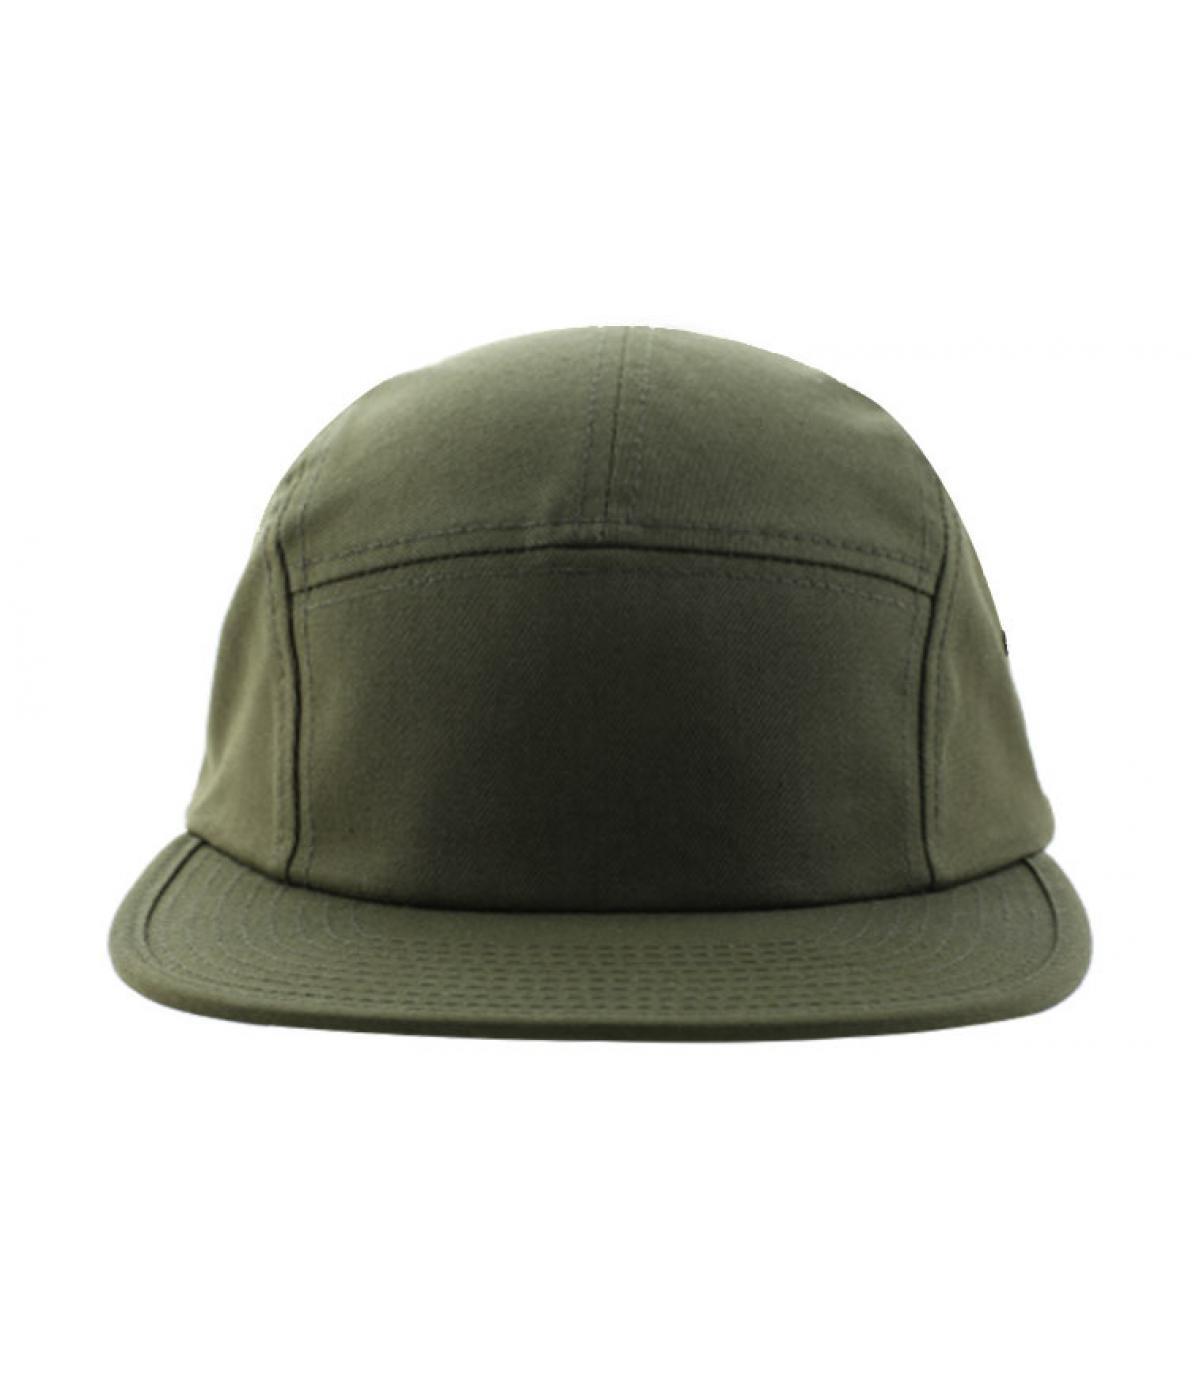 Olive 5 panel cap